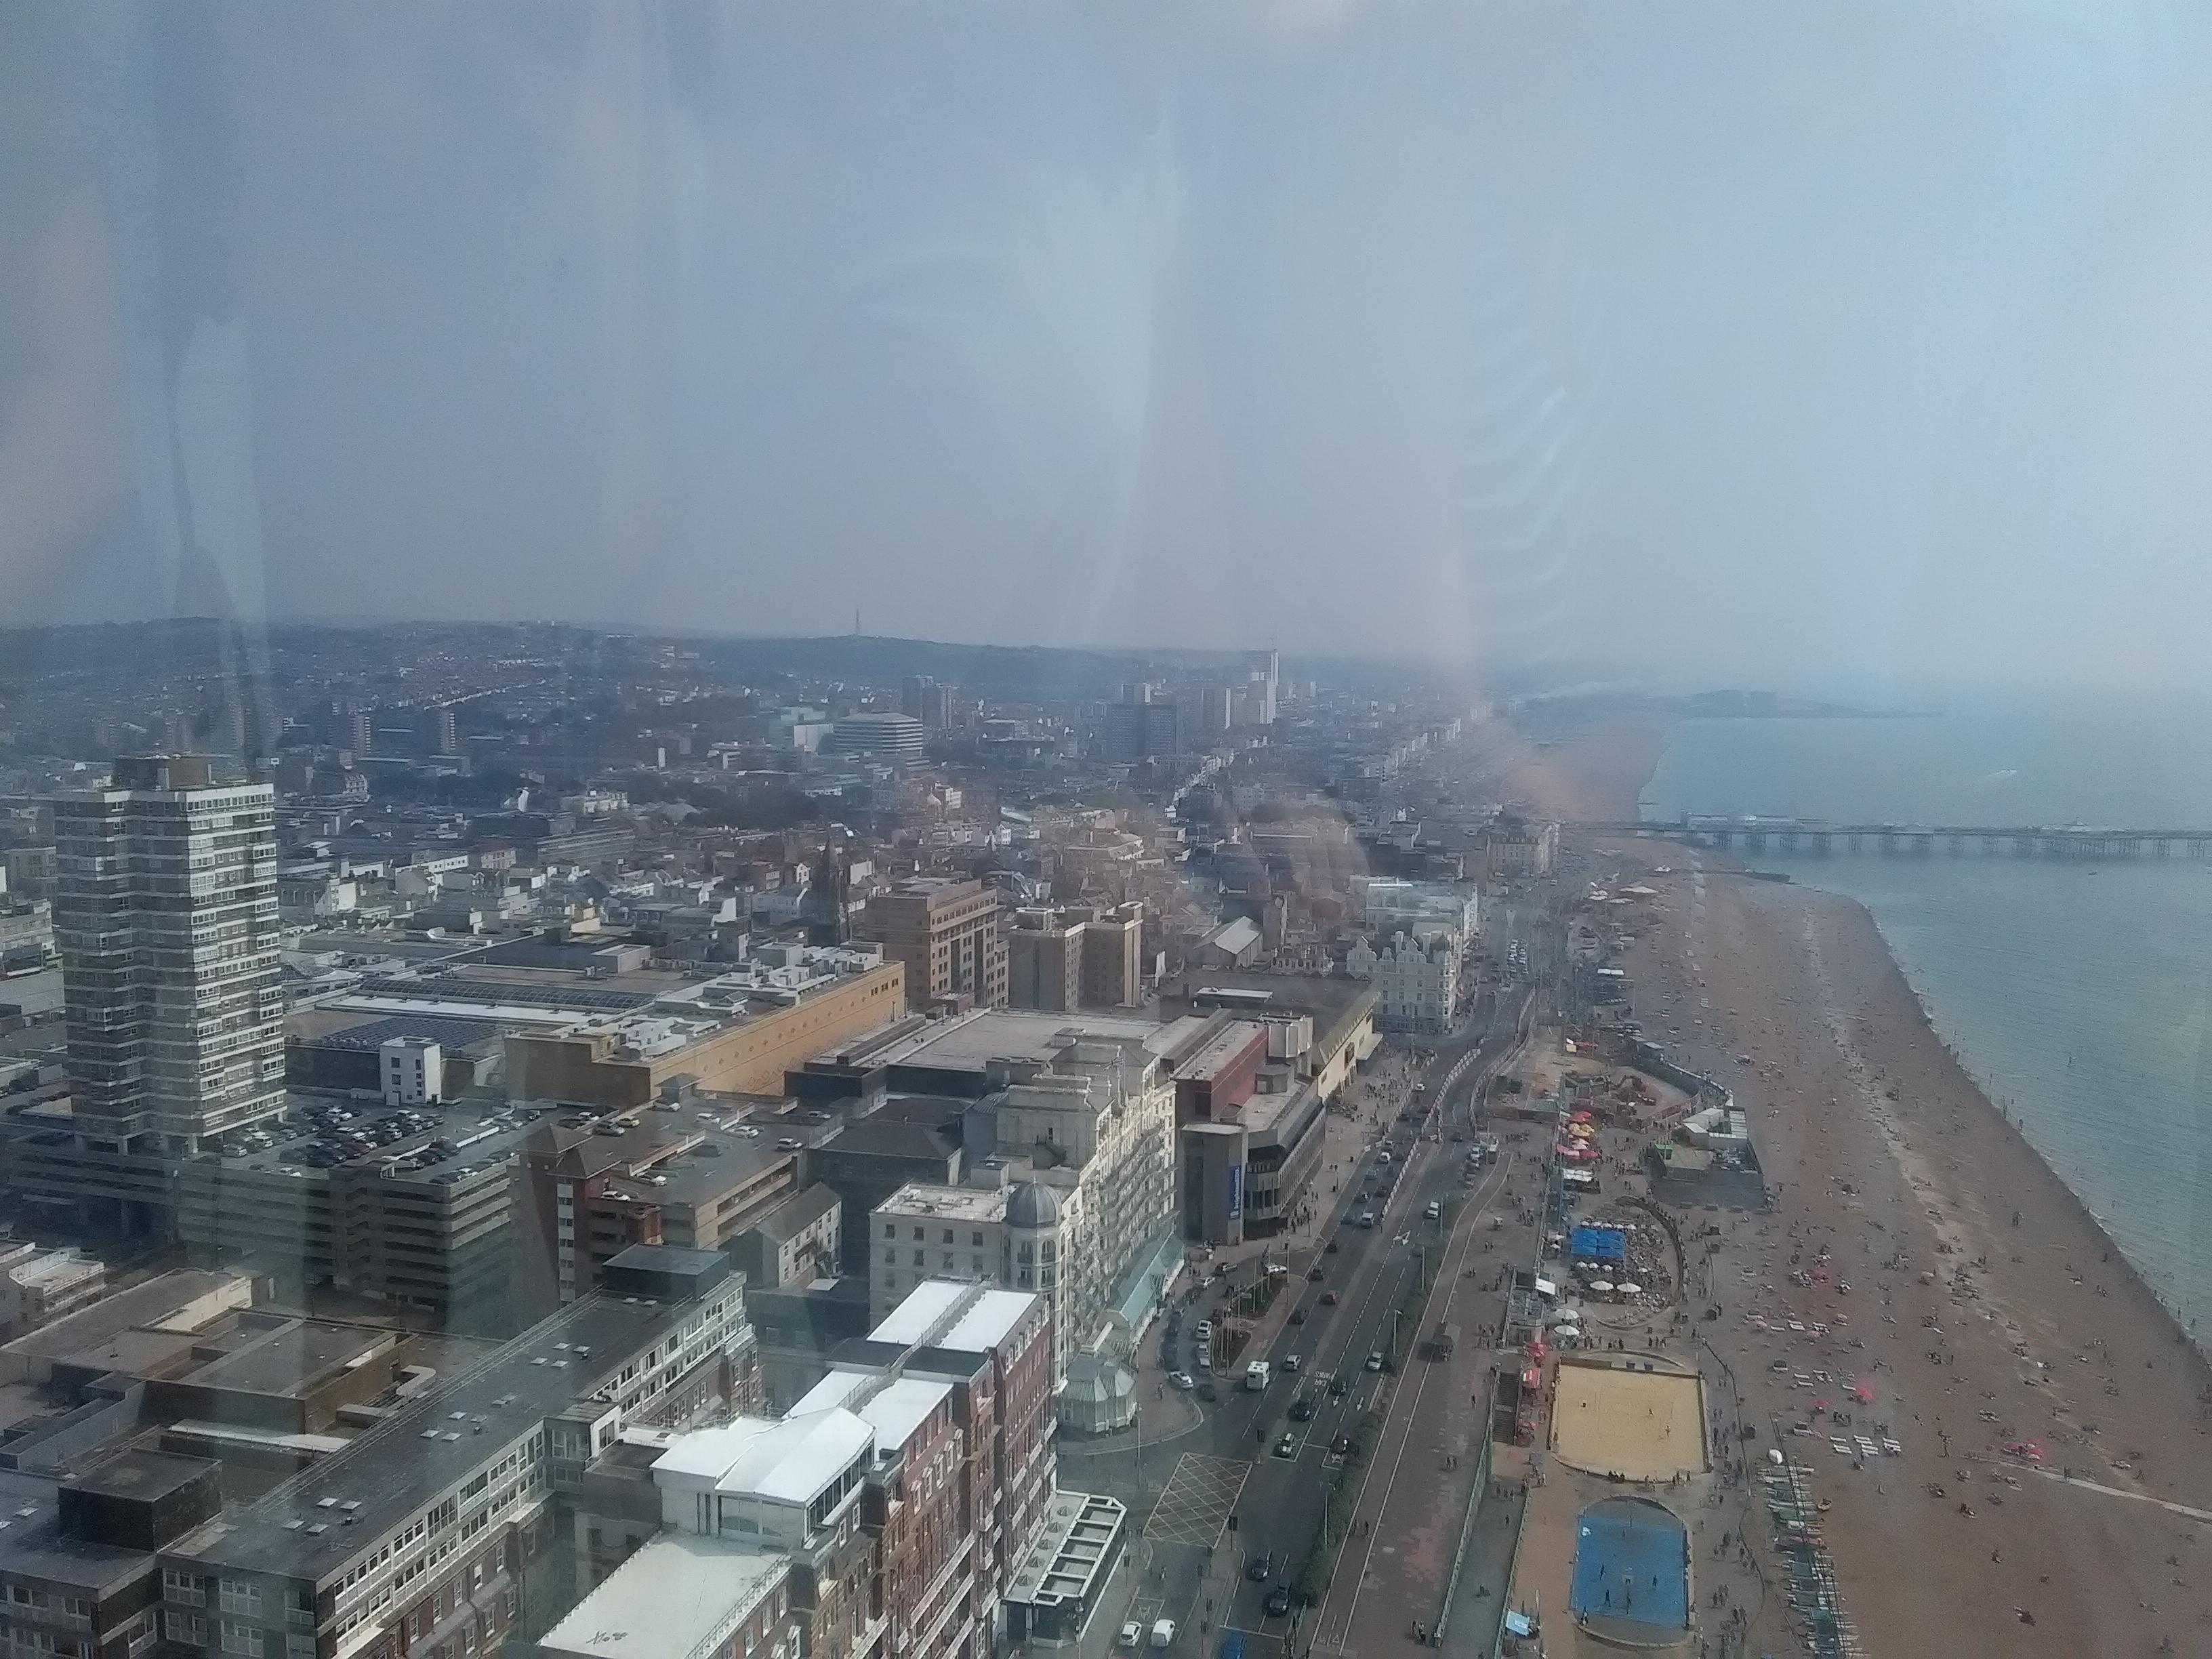 Brighton from i360